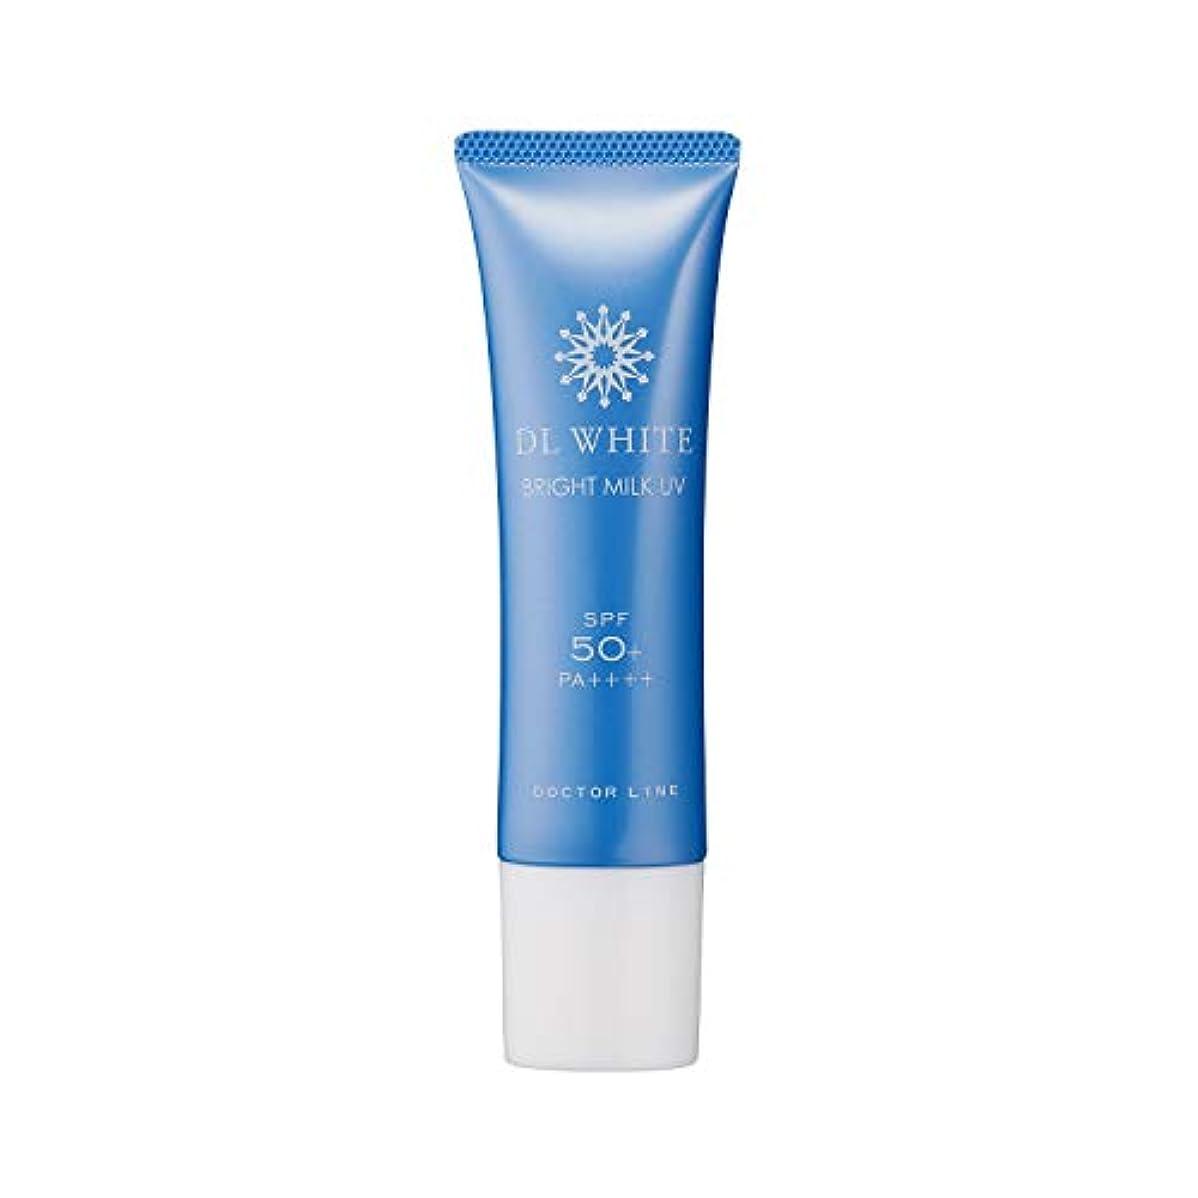 衣服ビジュアルビルドクターライン(Doctor Line) DLホワイト ブライトミルク UV(SPF50+ PA++++) 30g